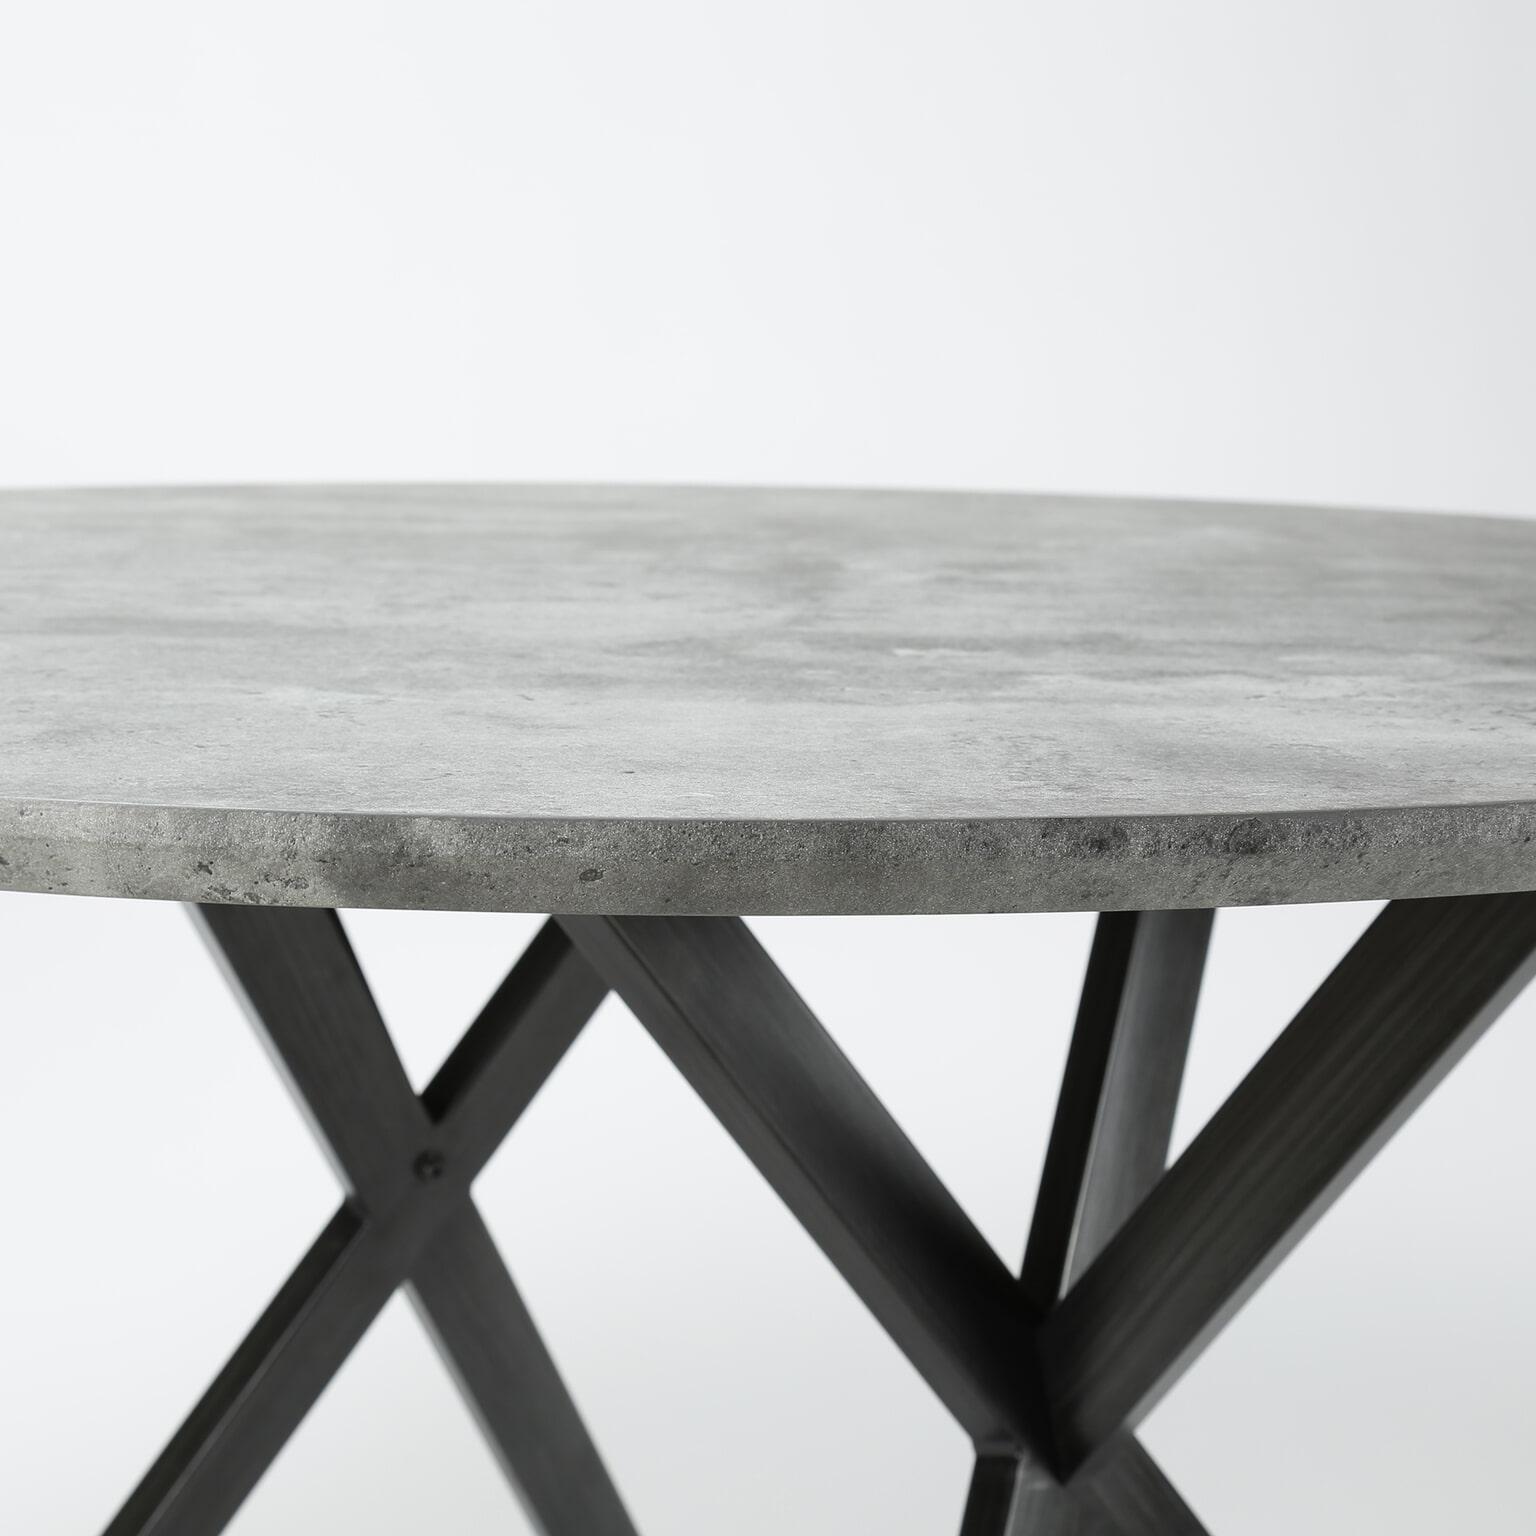 Ronde Witte Tafel 120 Cm.Ronde Eettafel Nola 120 Cm 3d Betonlook Kleur Grijs Meubelpartner